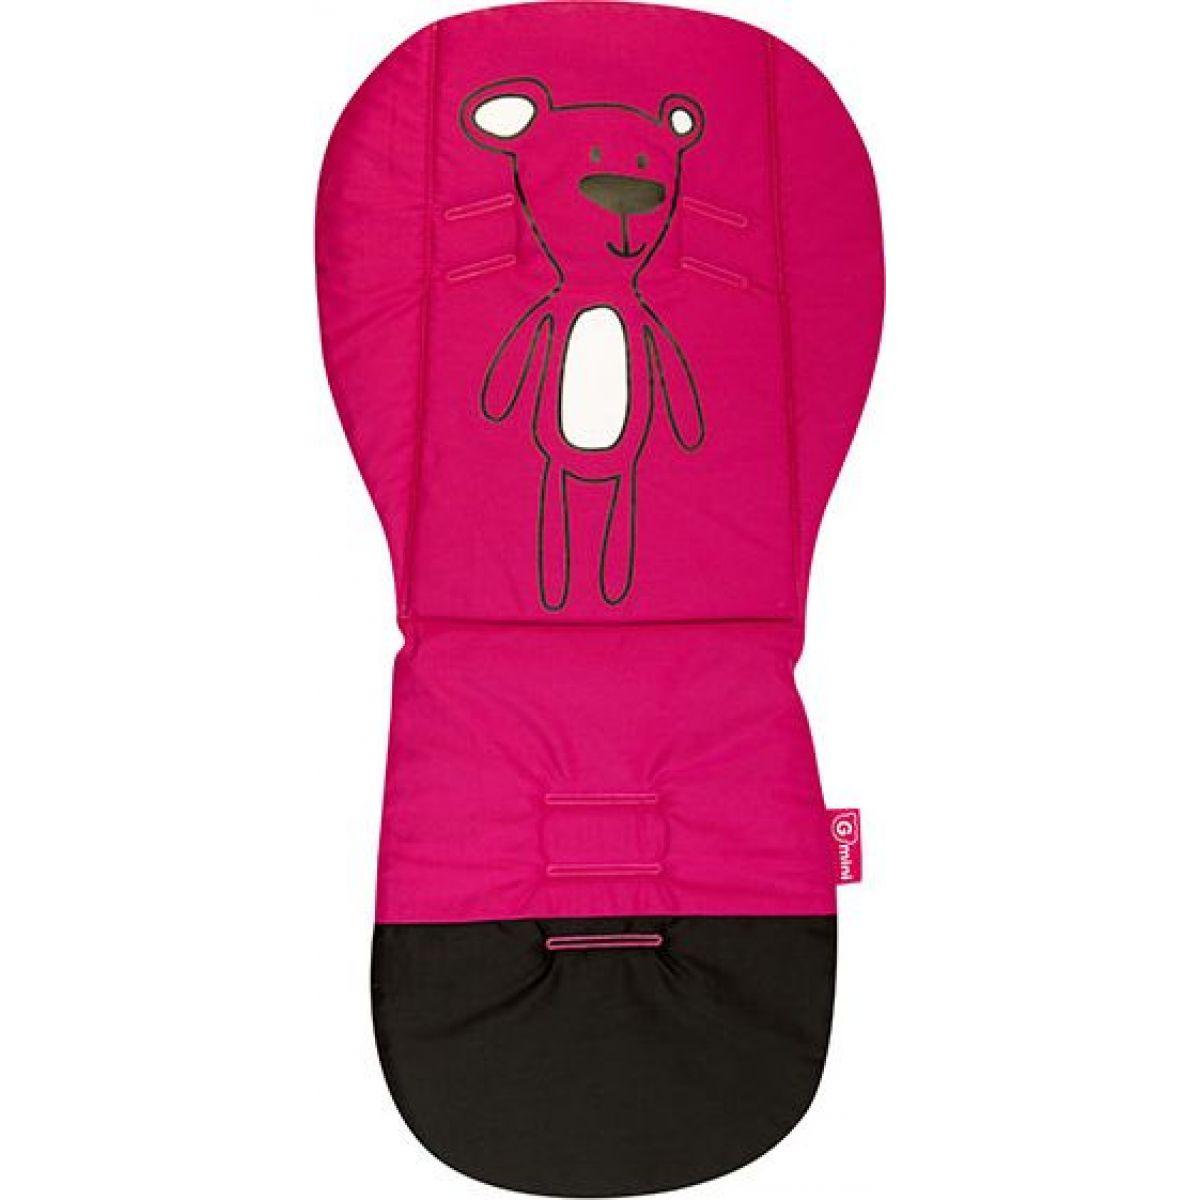 Gmini Podložka do kočárku s paměťovou pěnou - Růžový medvěd